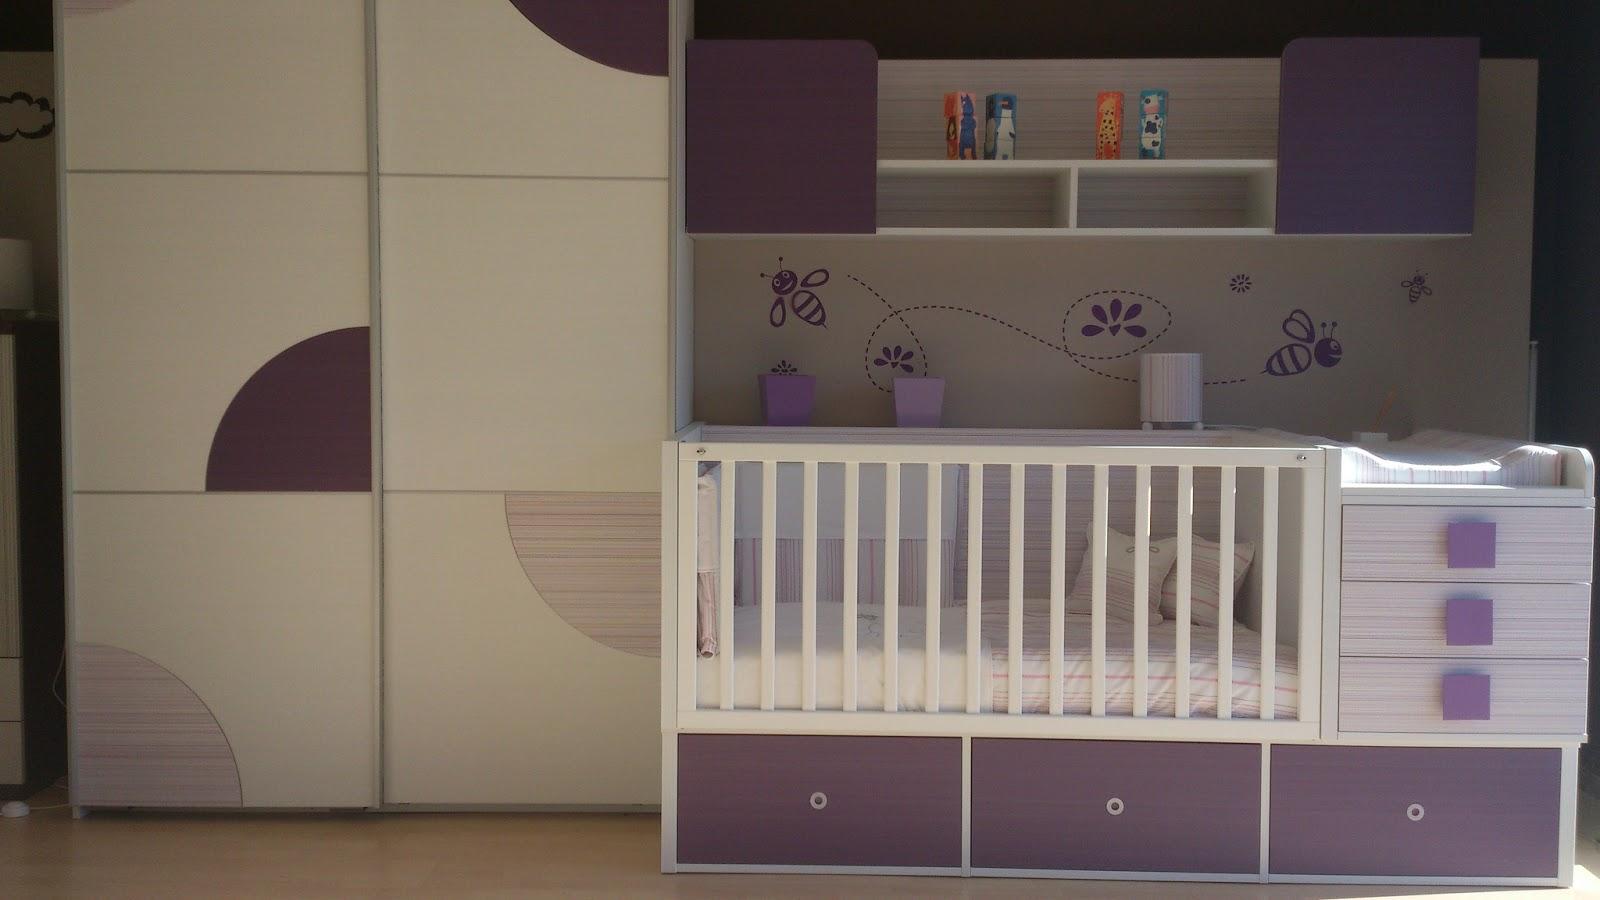 Tiendas Muebles Granollers Idea Creativa Della Casa E Dell  # Muebles Roig Granollers